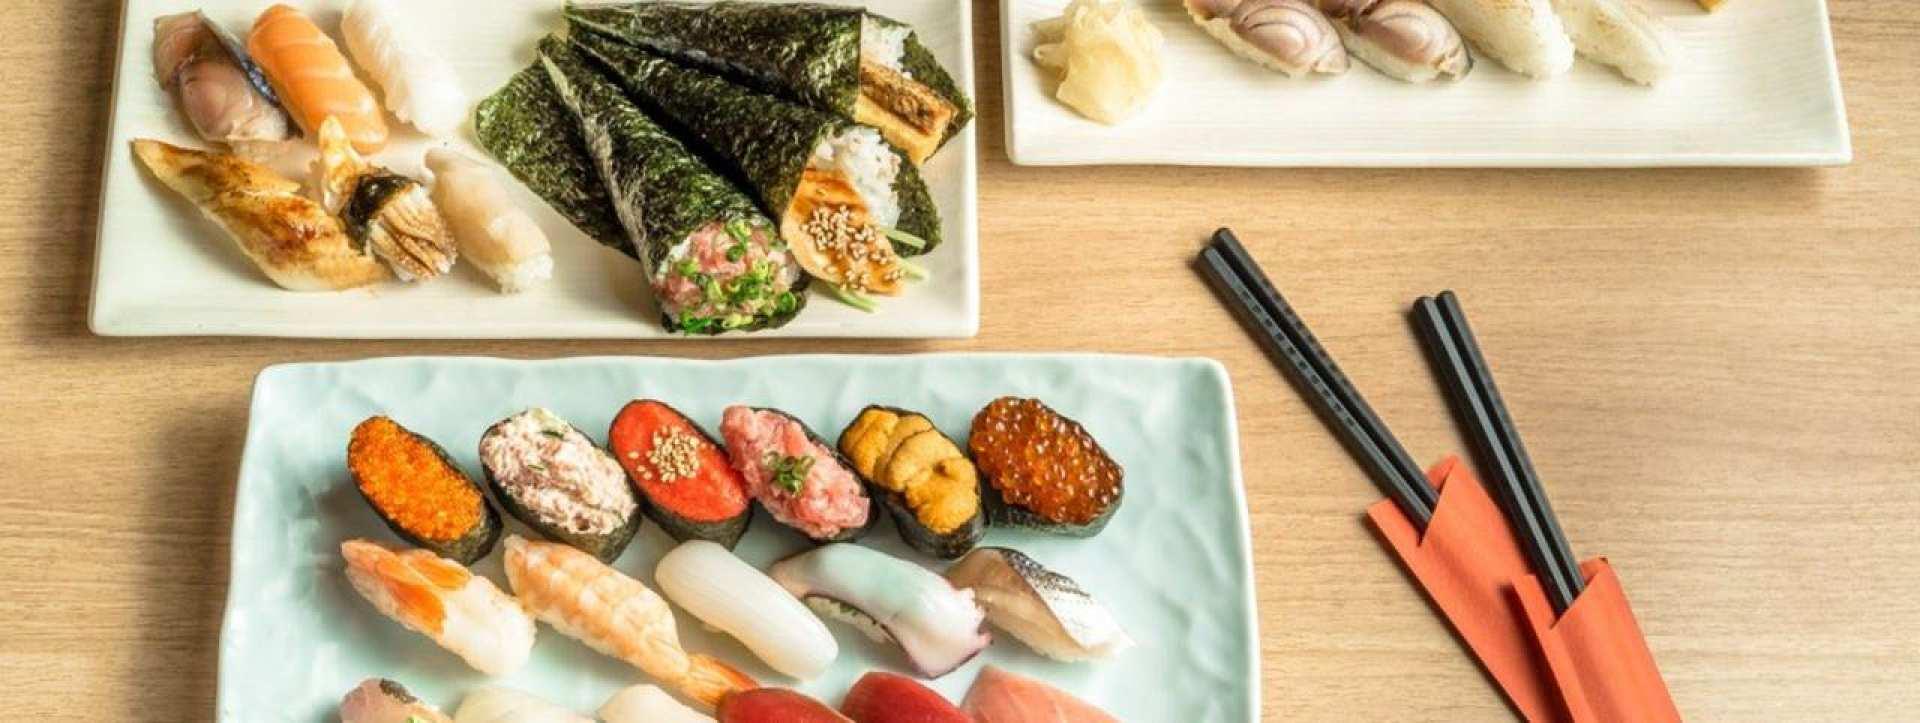 【官方授權預約】東京高級壽司吃到飽・酒水無限暢飲壽司名店・雛鮨